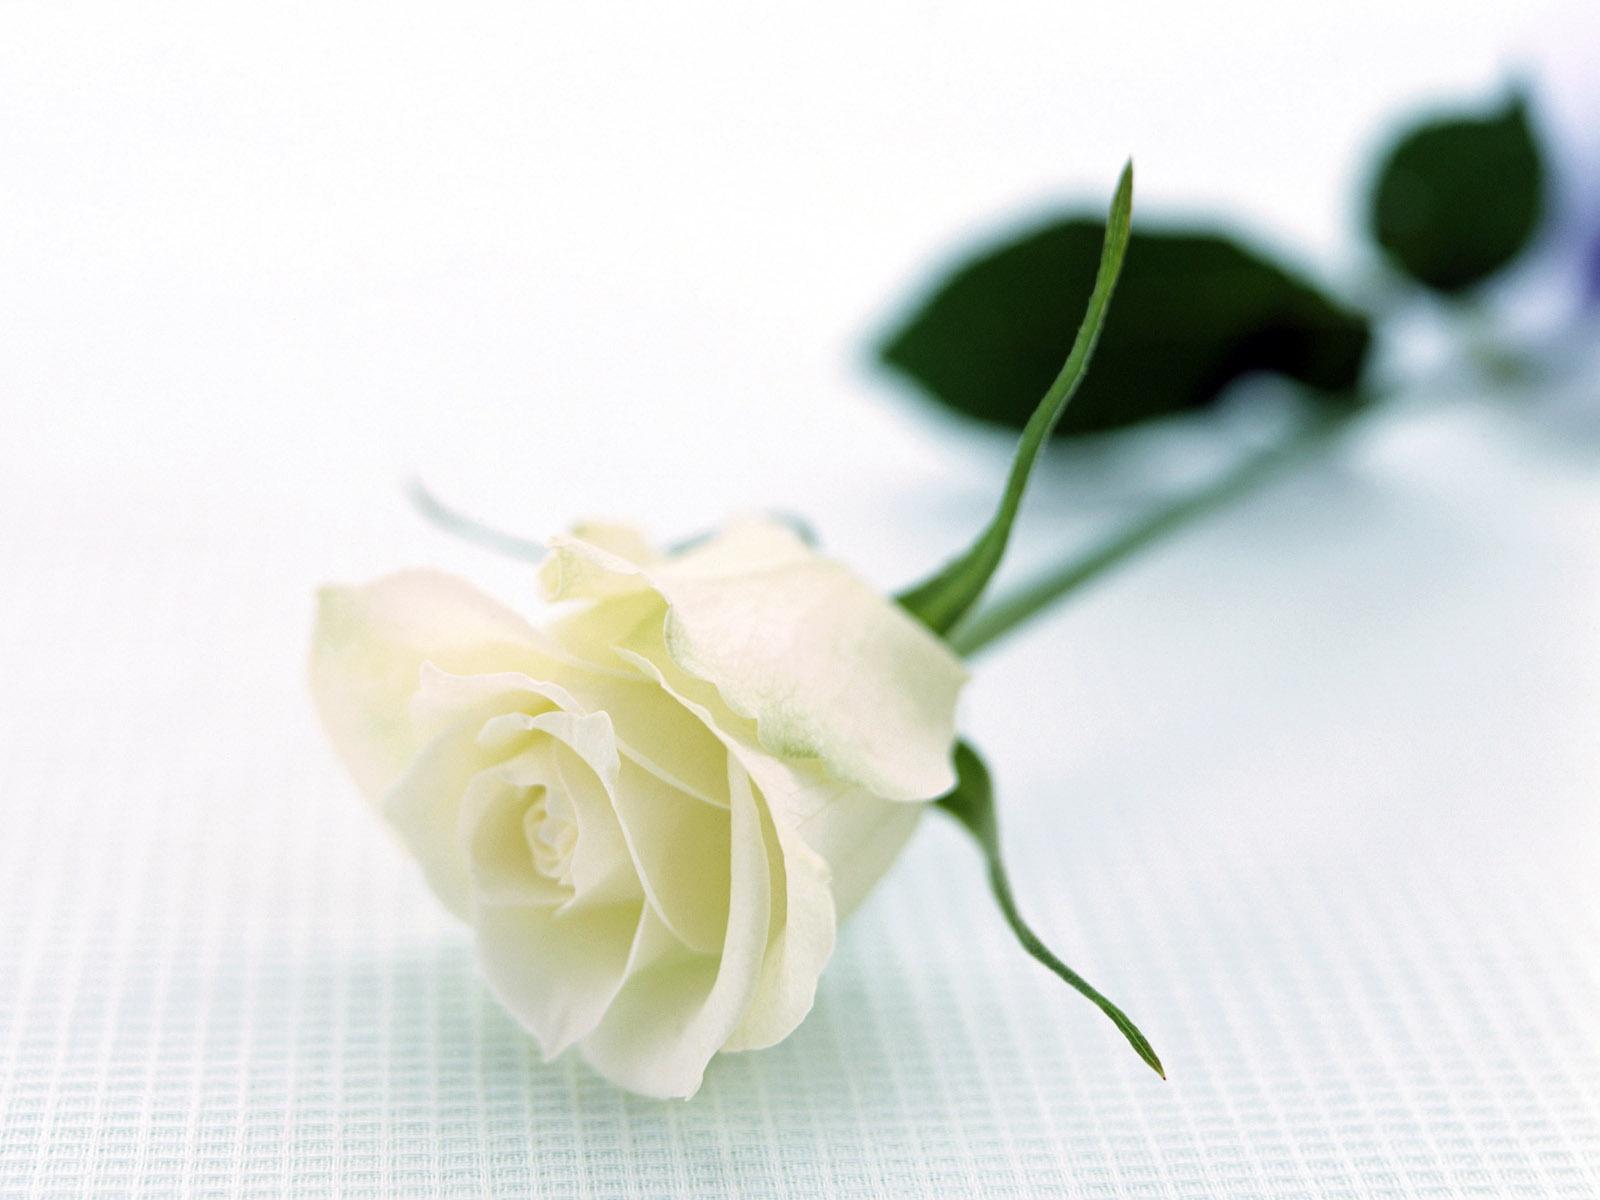 http://1.bp.blogspot.com/-ZTIIW69qmis/T4WOAq5MJVI/AAAAAAAABXI/2rzWwbb-nsU/s1600/Roses+HD+%7Bfreehqwallpapers.blogspot.com%7D+%2818%29.jpg